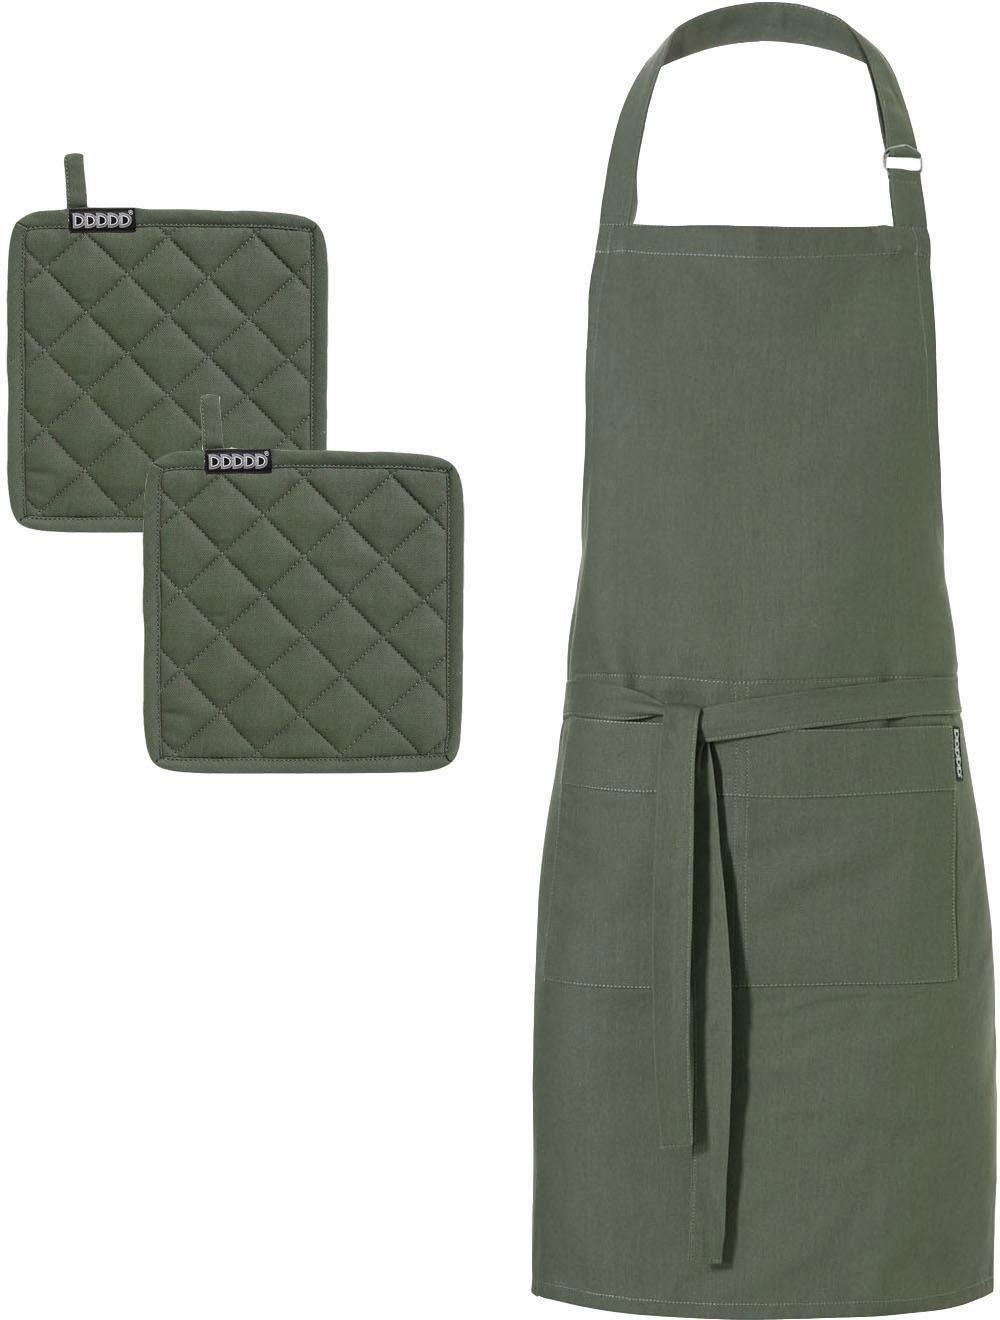 """DDDDD Kochschürze """"Kit"""" (Set 3-tlg) Wohnen/Haushalt/Haushaltswaren/Kochen & Backen/Küchenschürze und Kochschürze"""